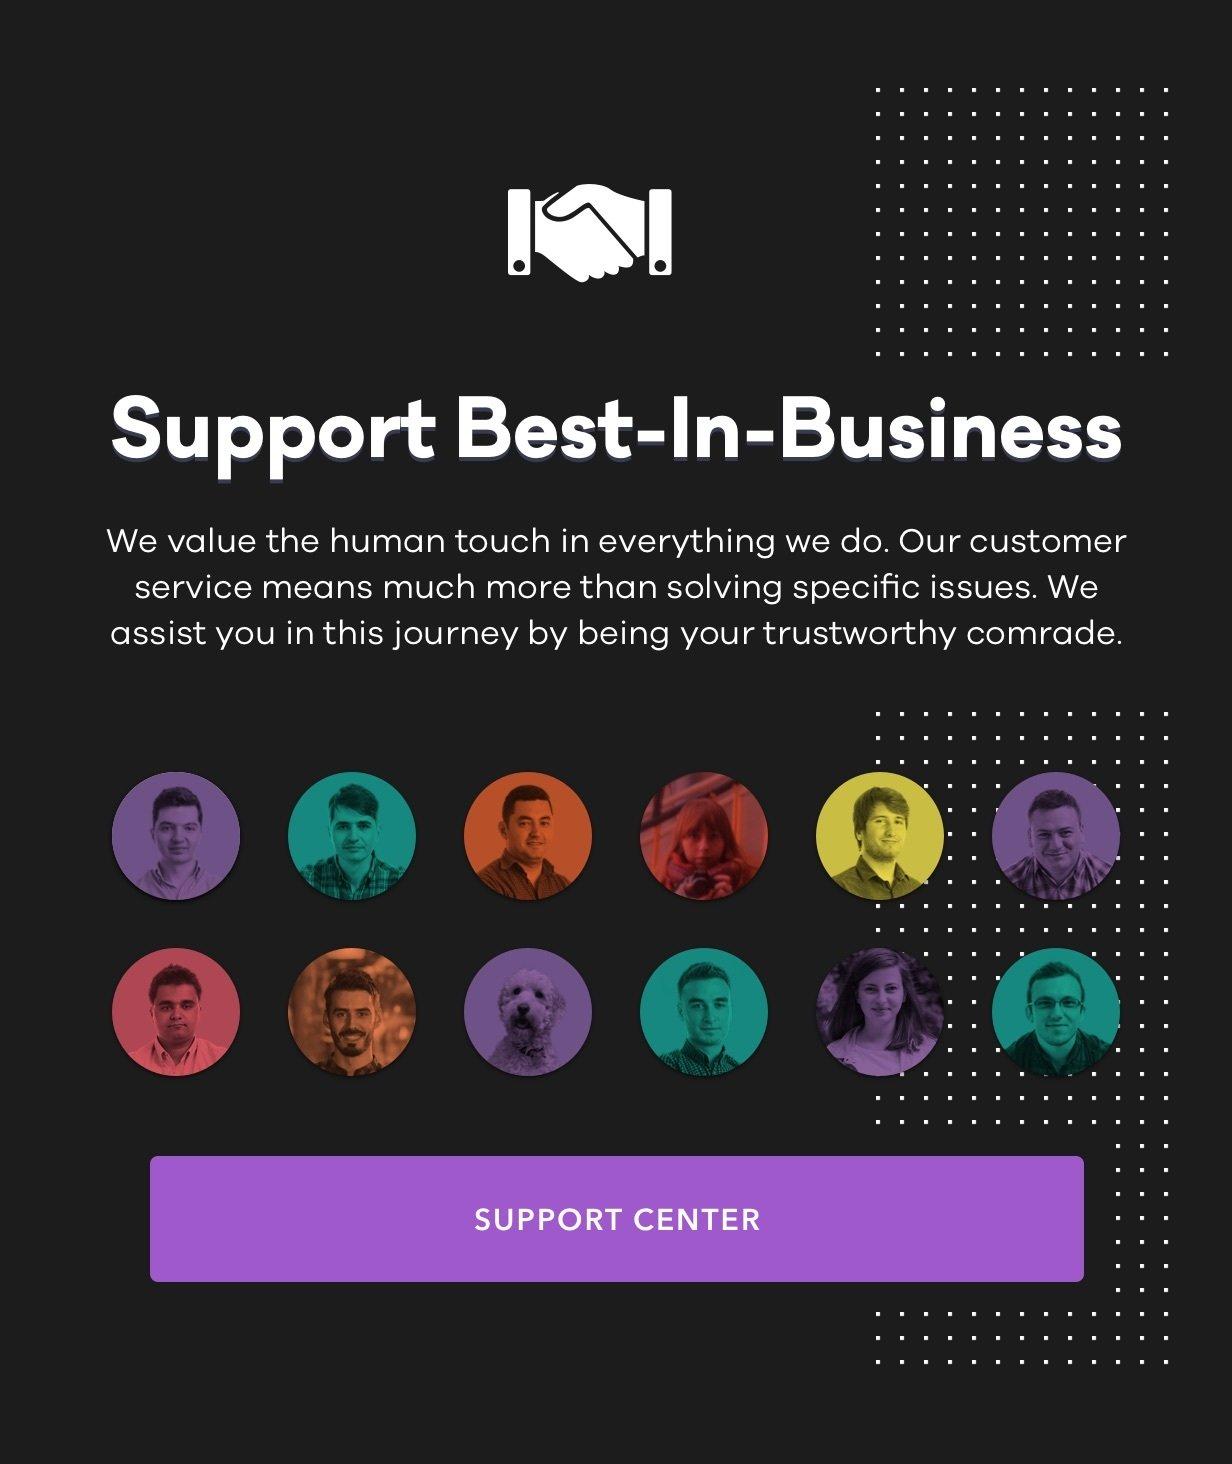 felt-support.jpg